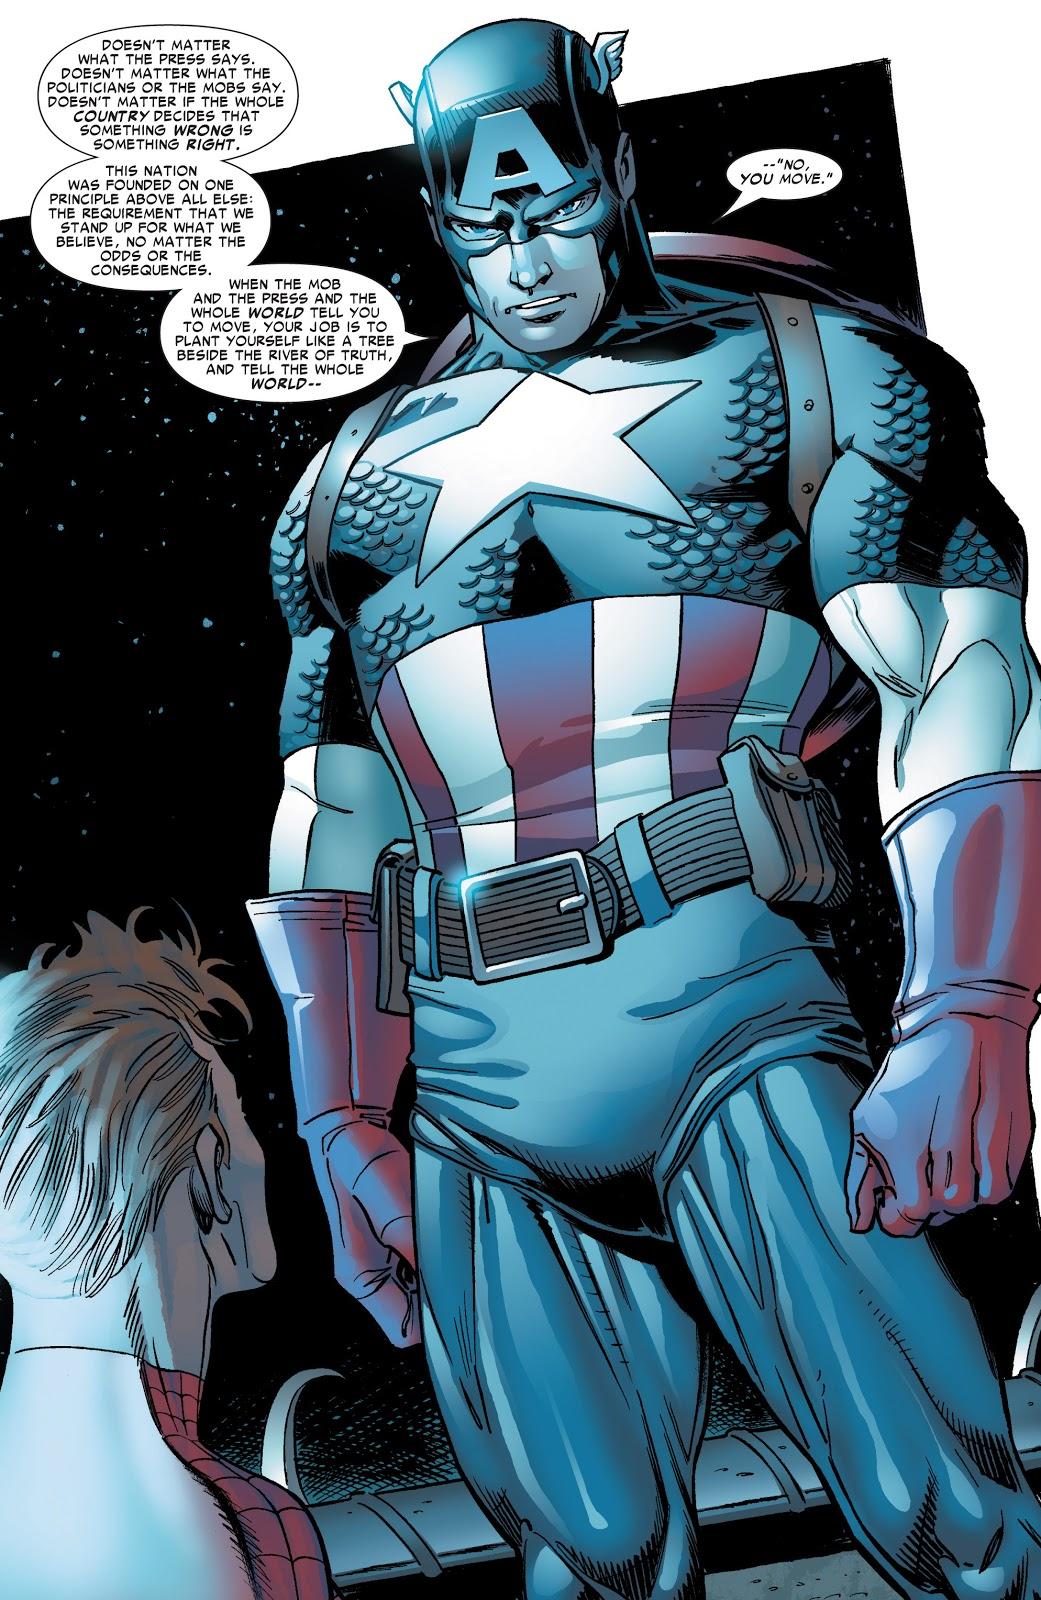 Captain America Amazing Spider-Man #537